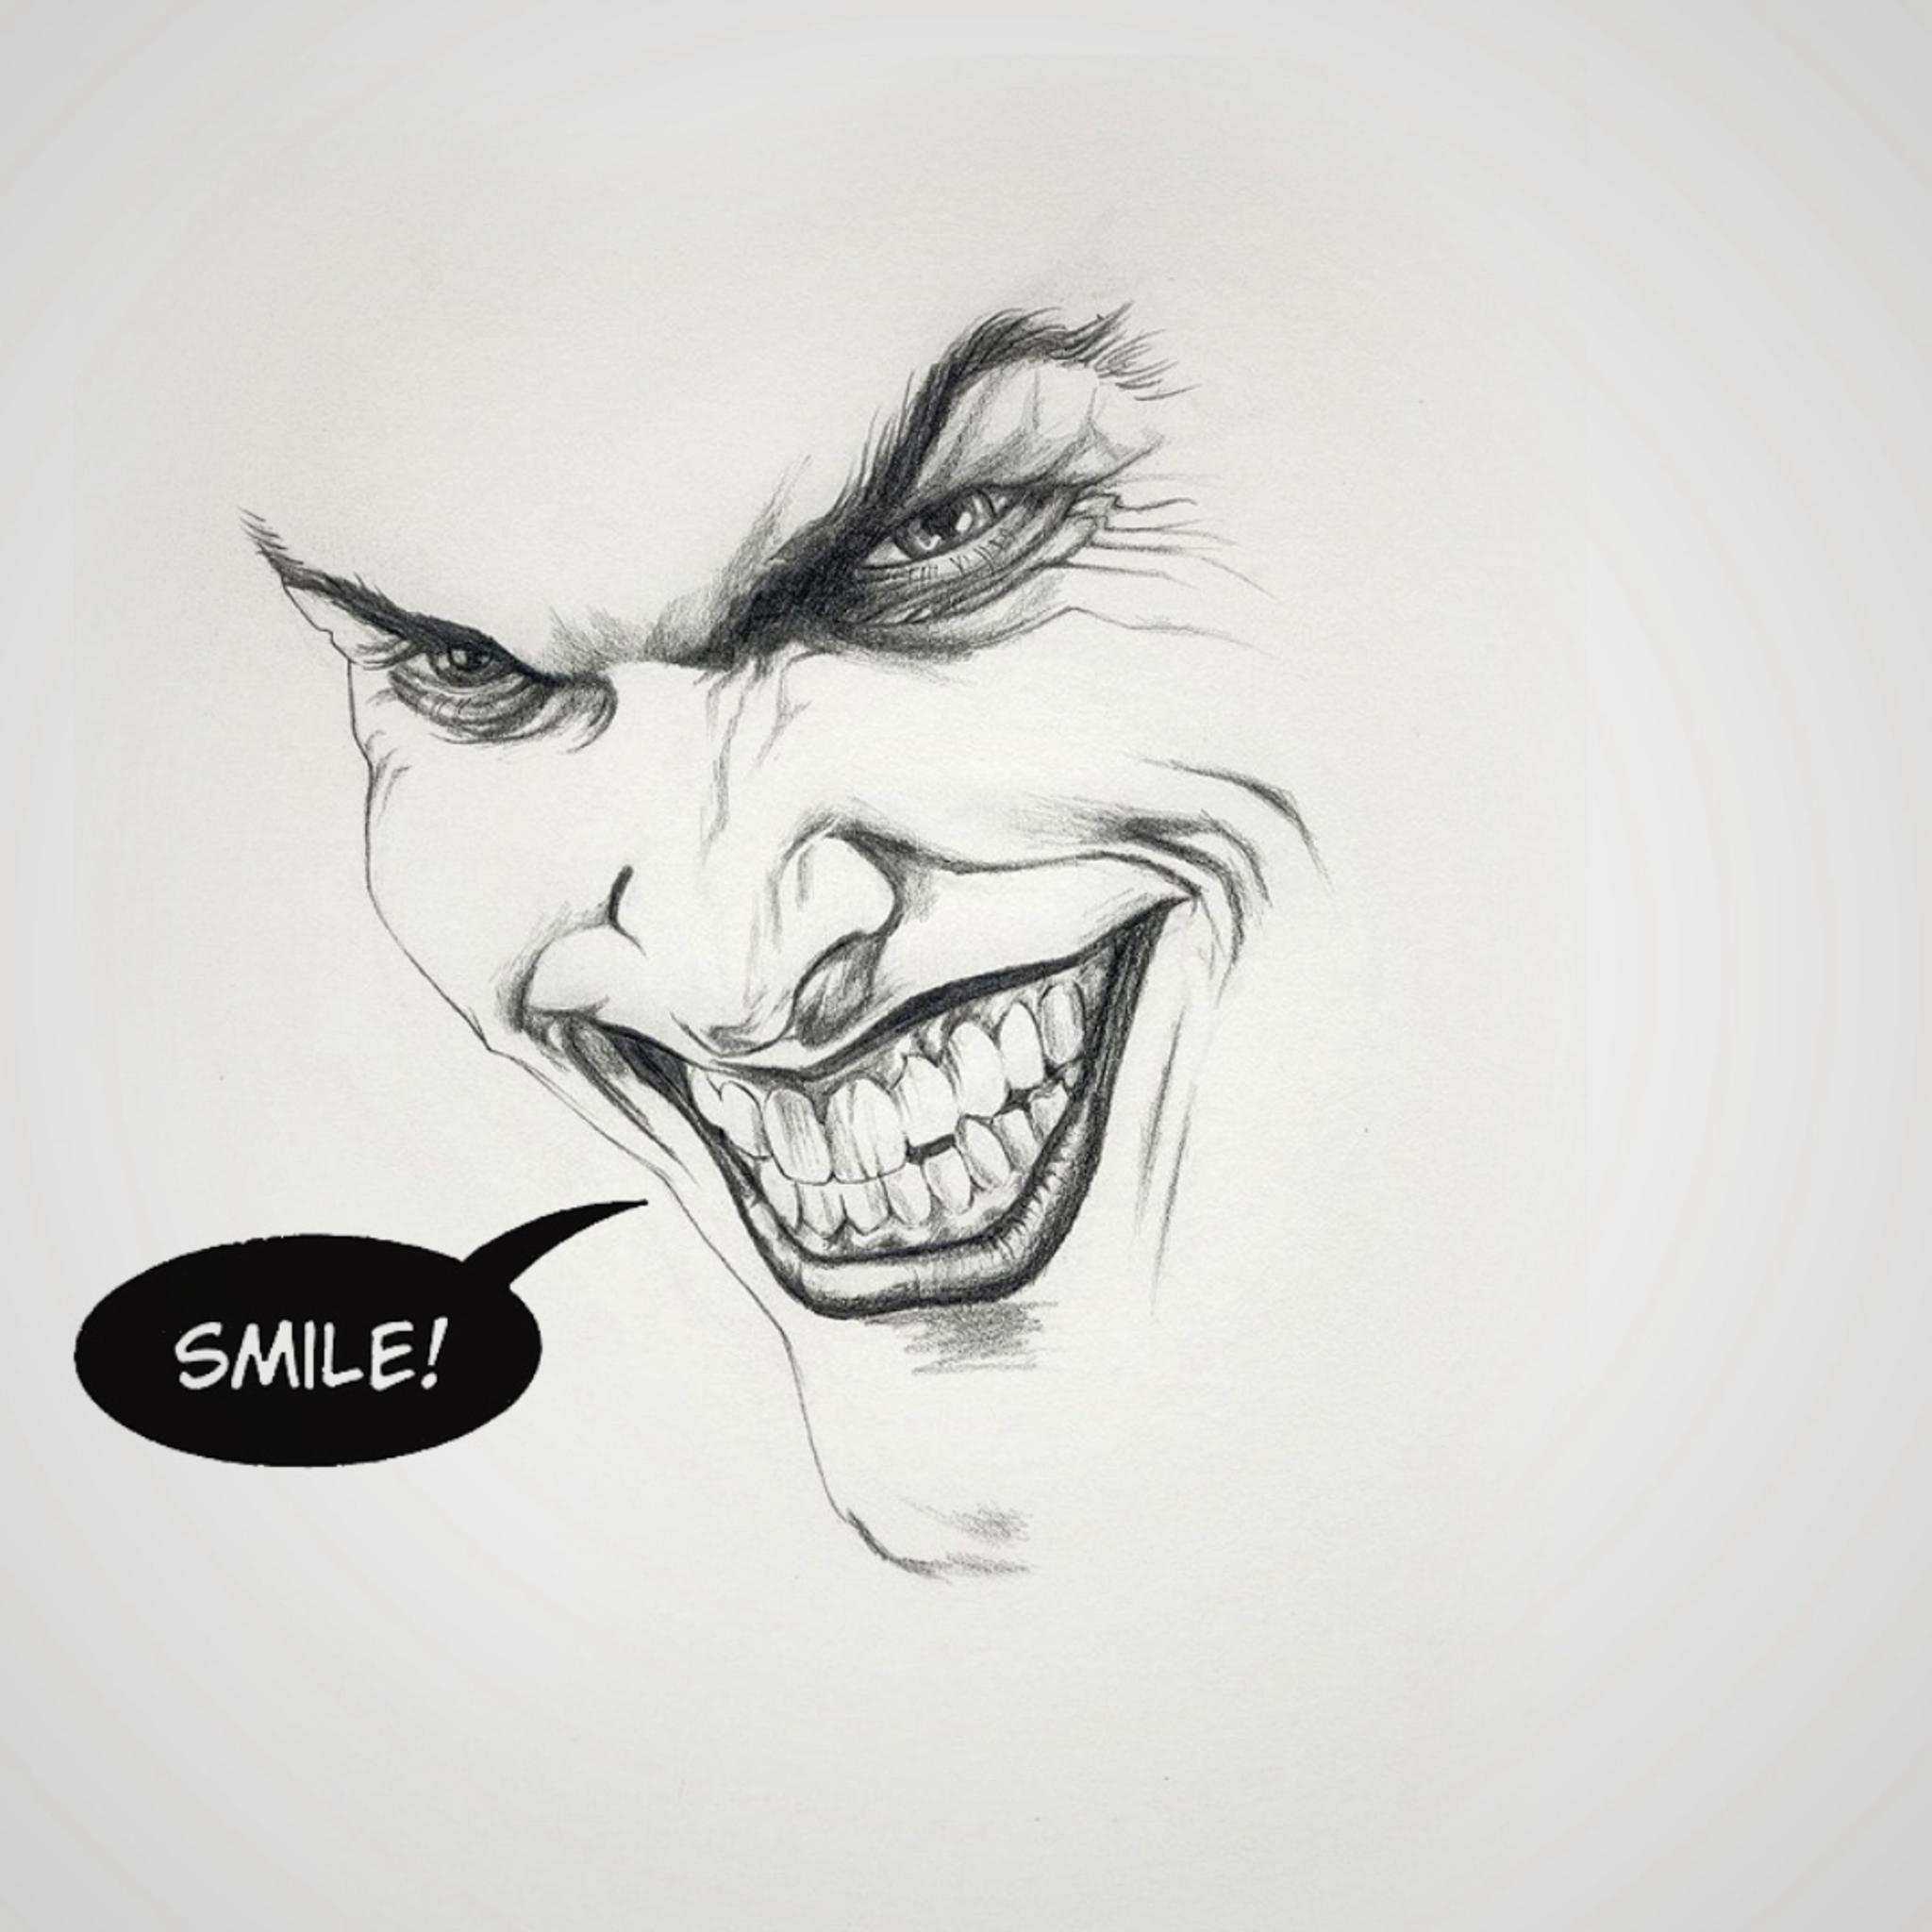 evil cartoon drawings - 736×1011